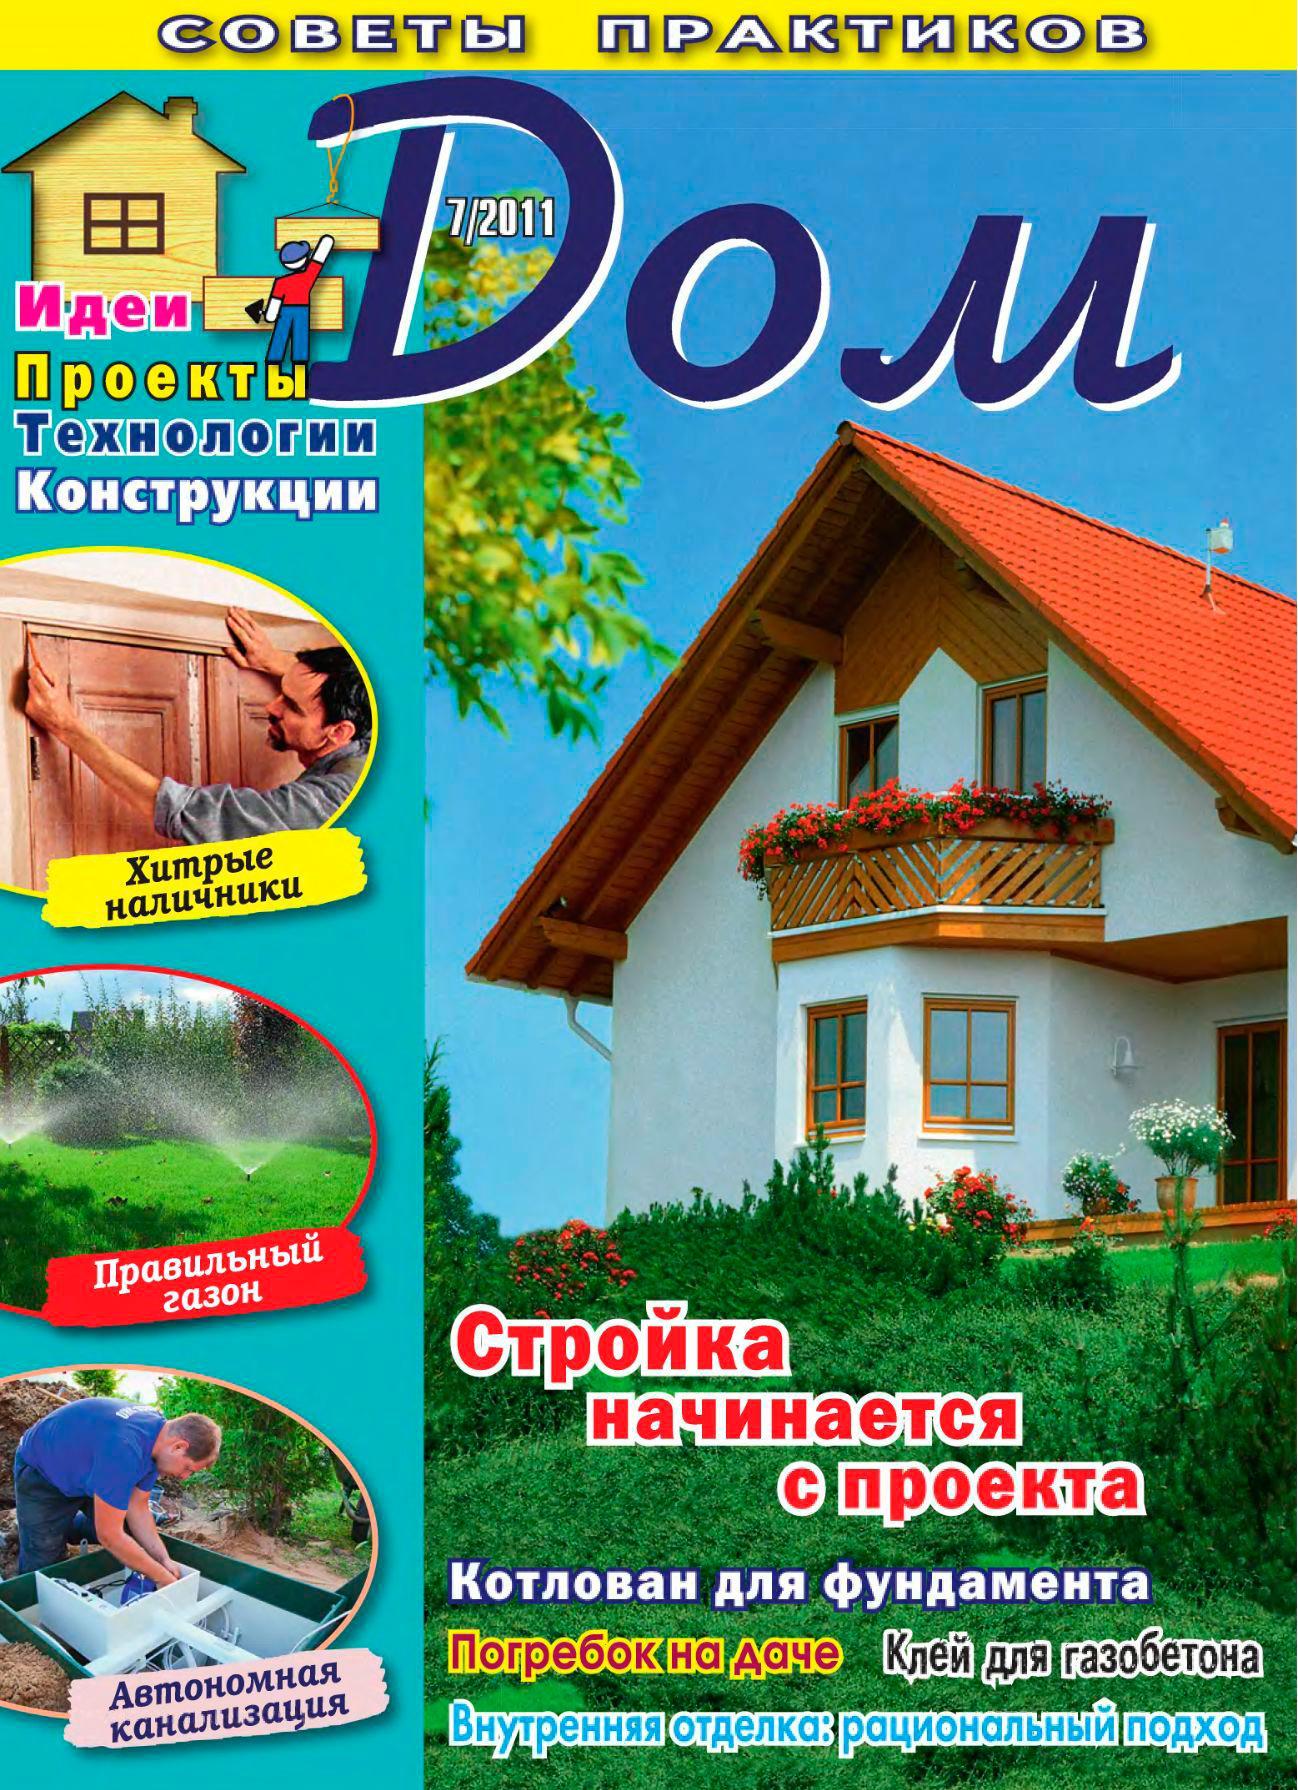 Дом №7 (июль 2011)